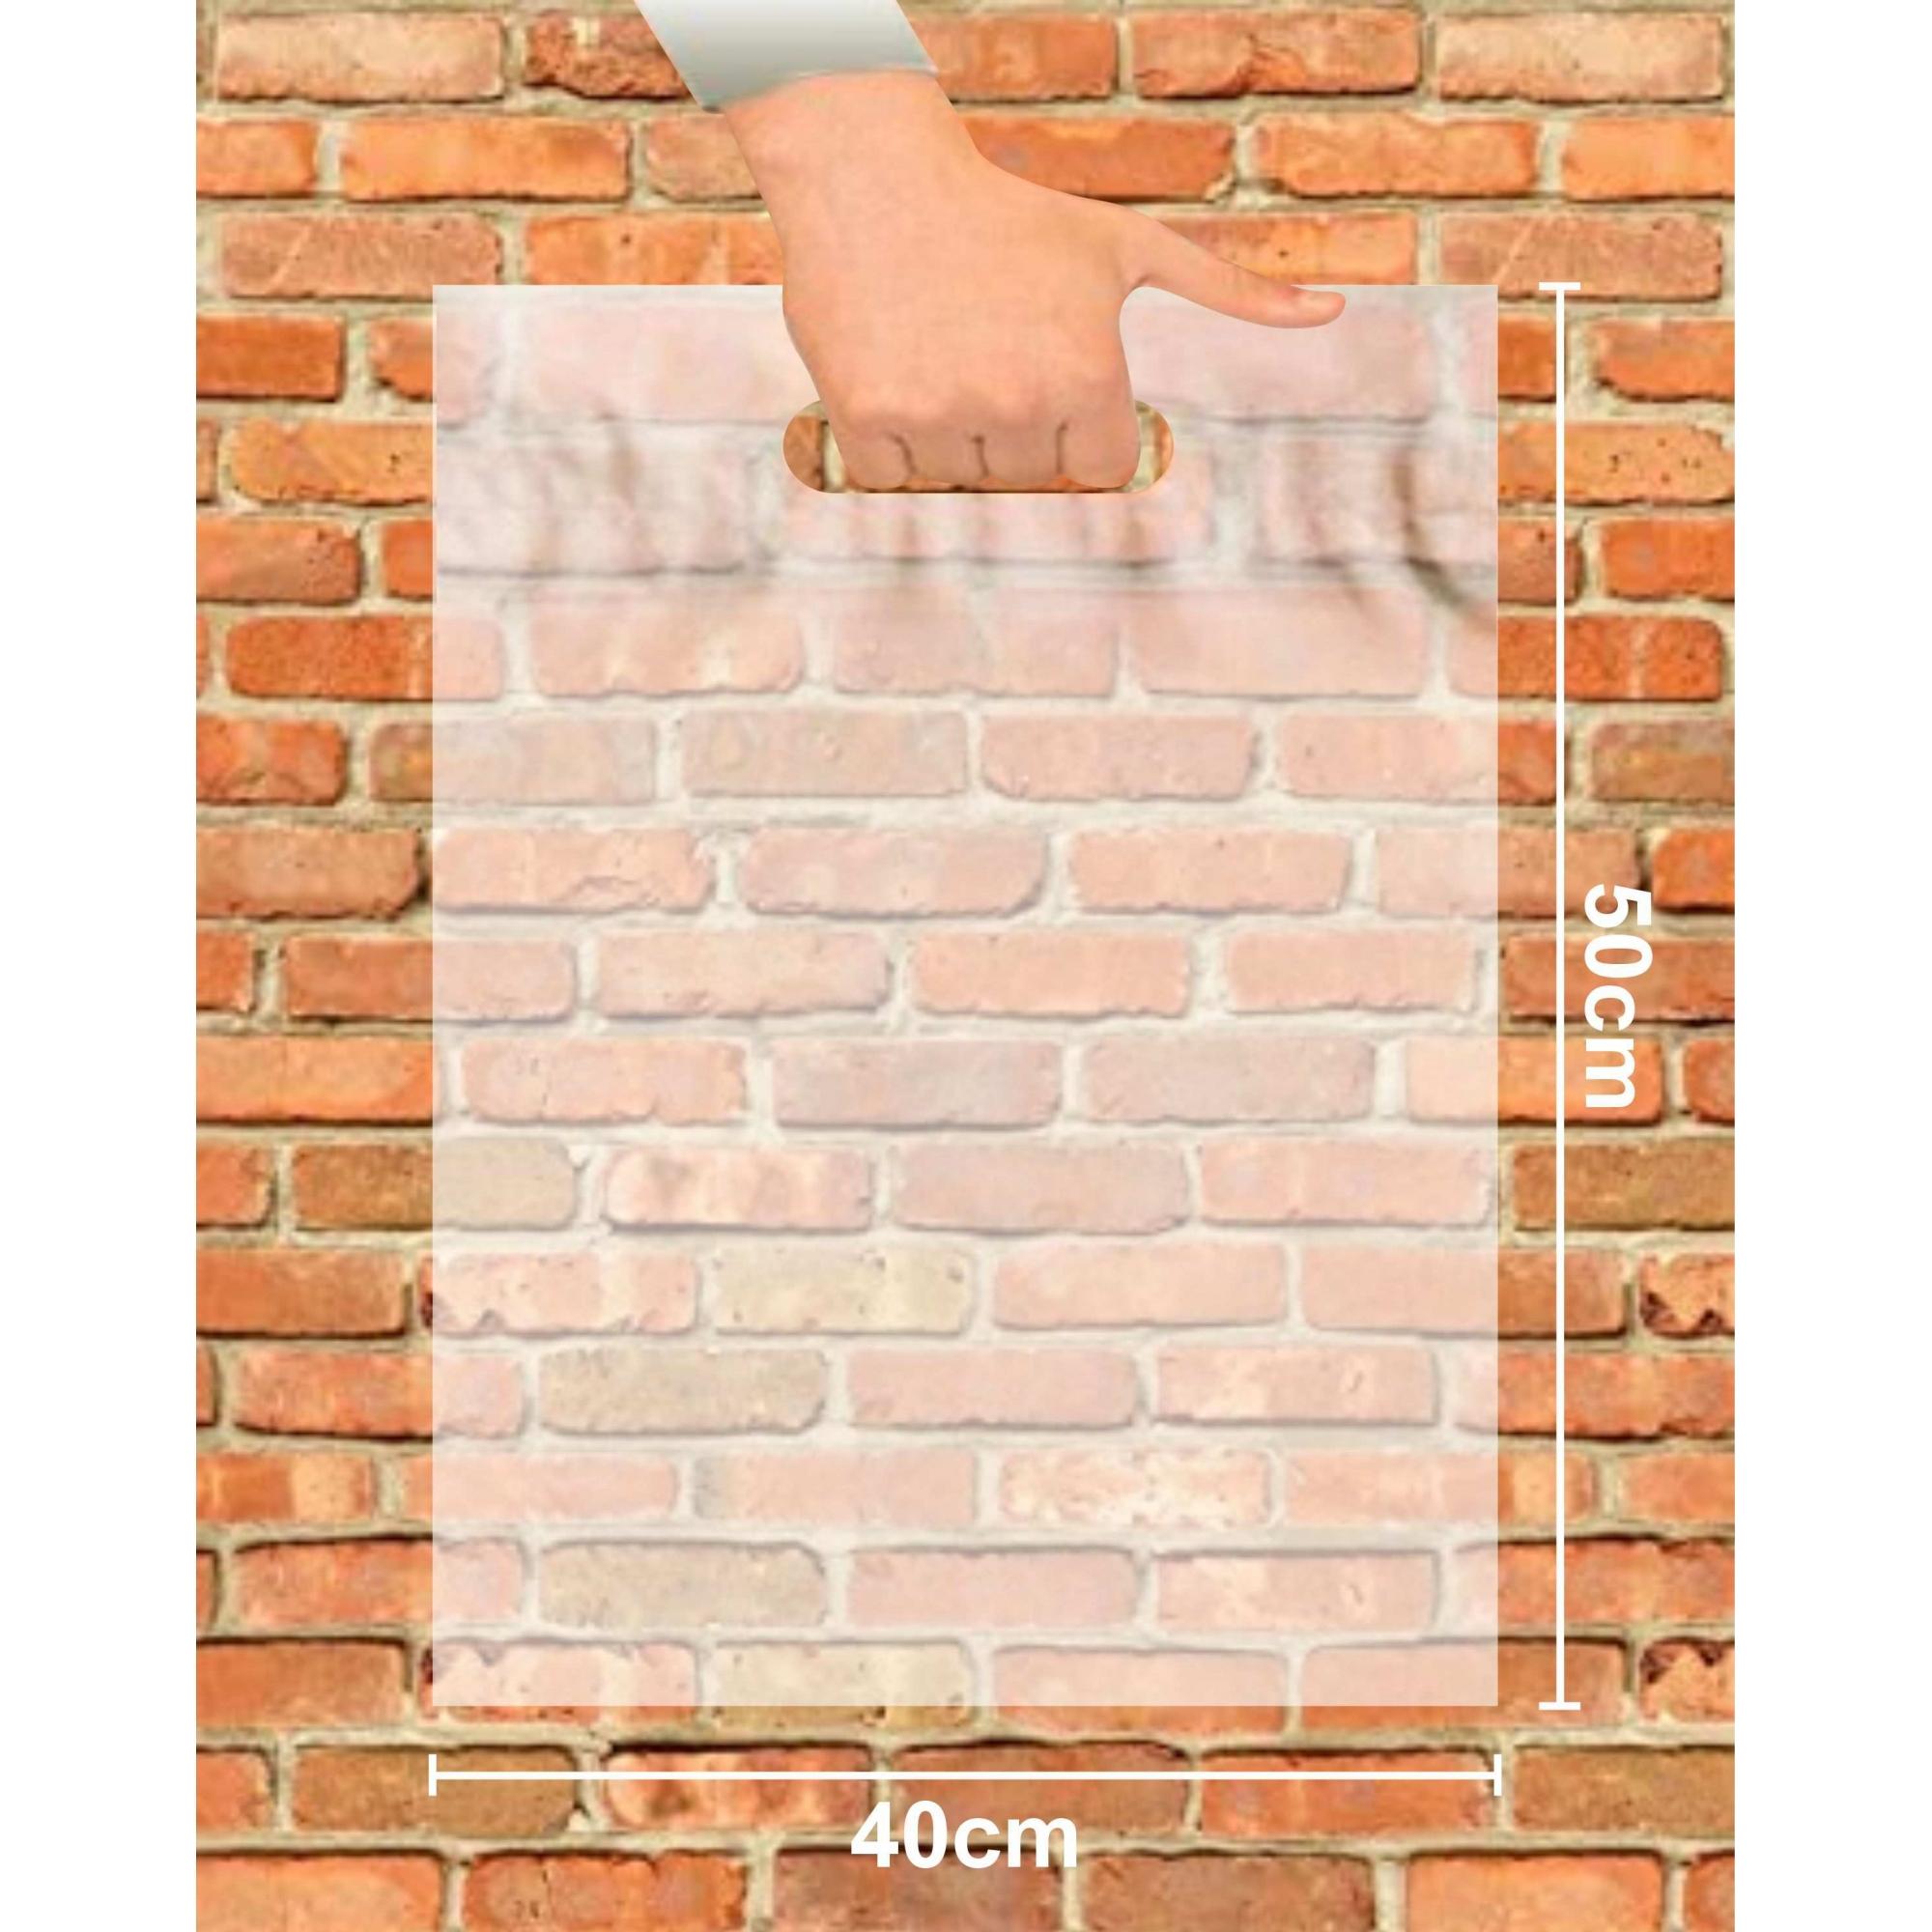 Sacola Plástica 40x50 Transparente Alça Boca de Palhaço 50 Unidades